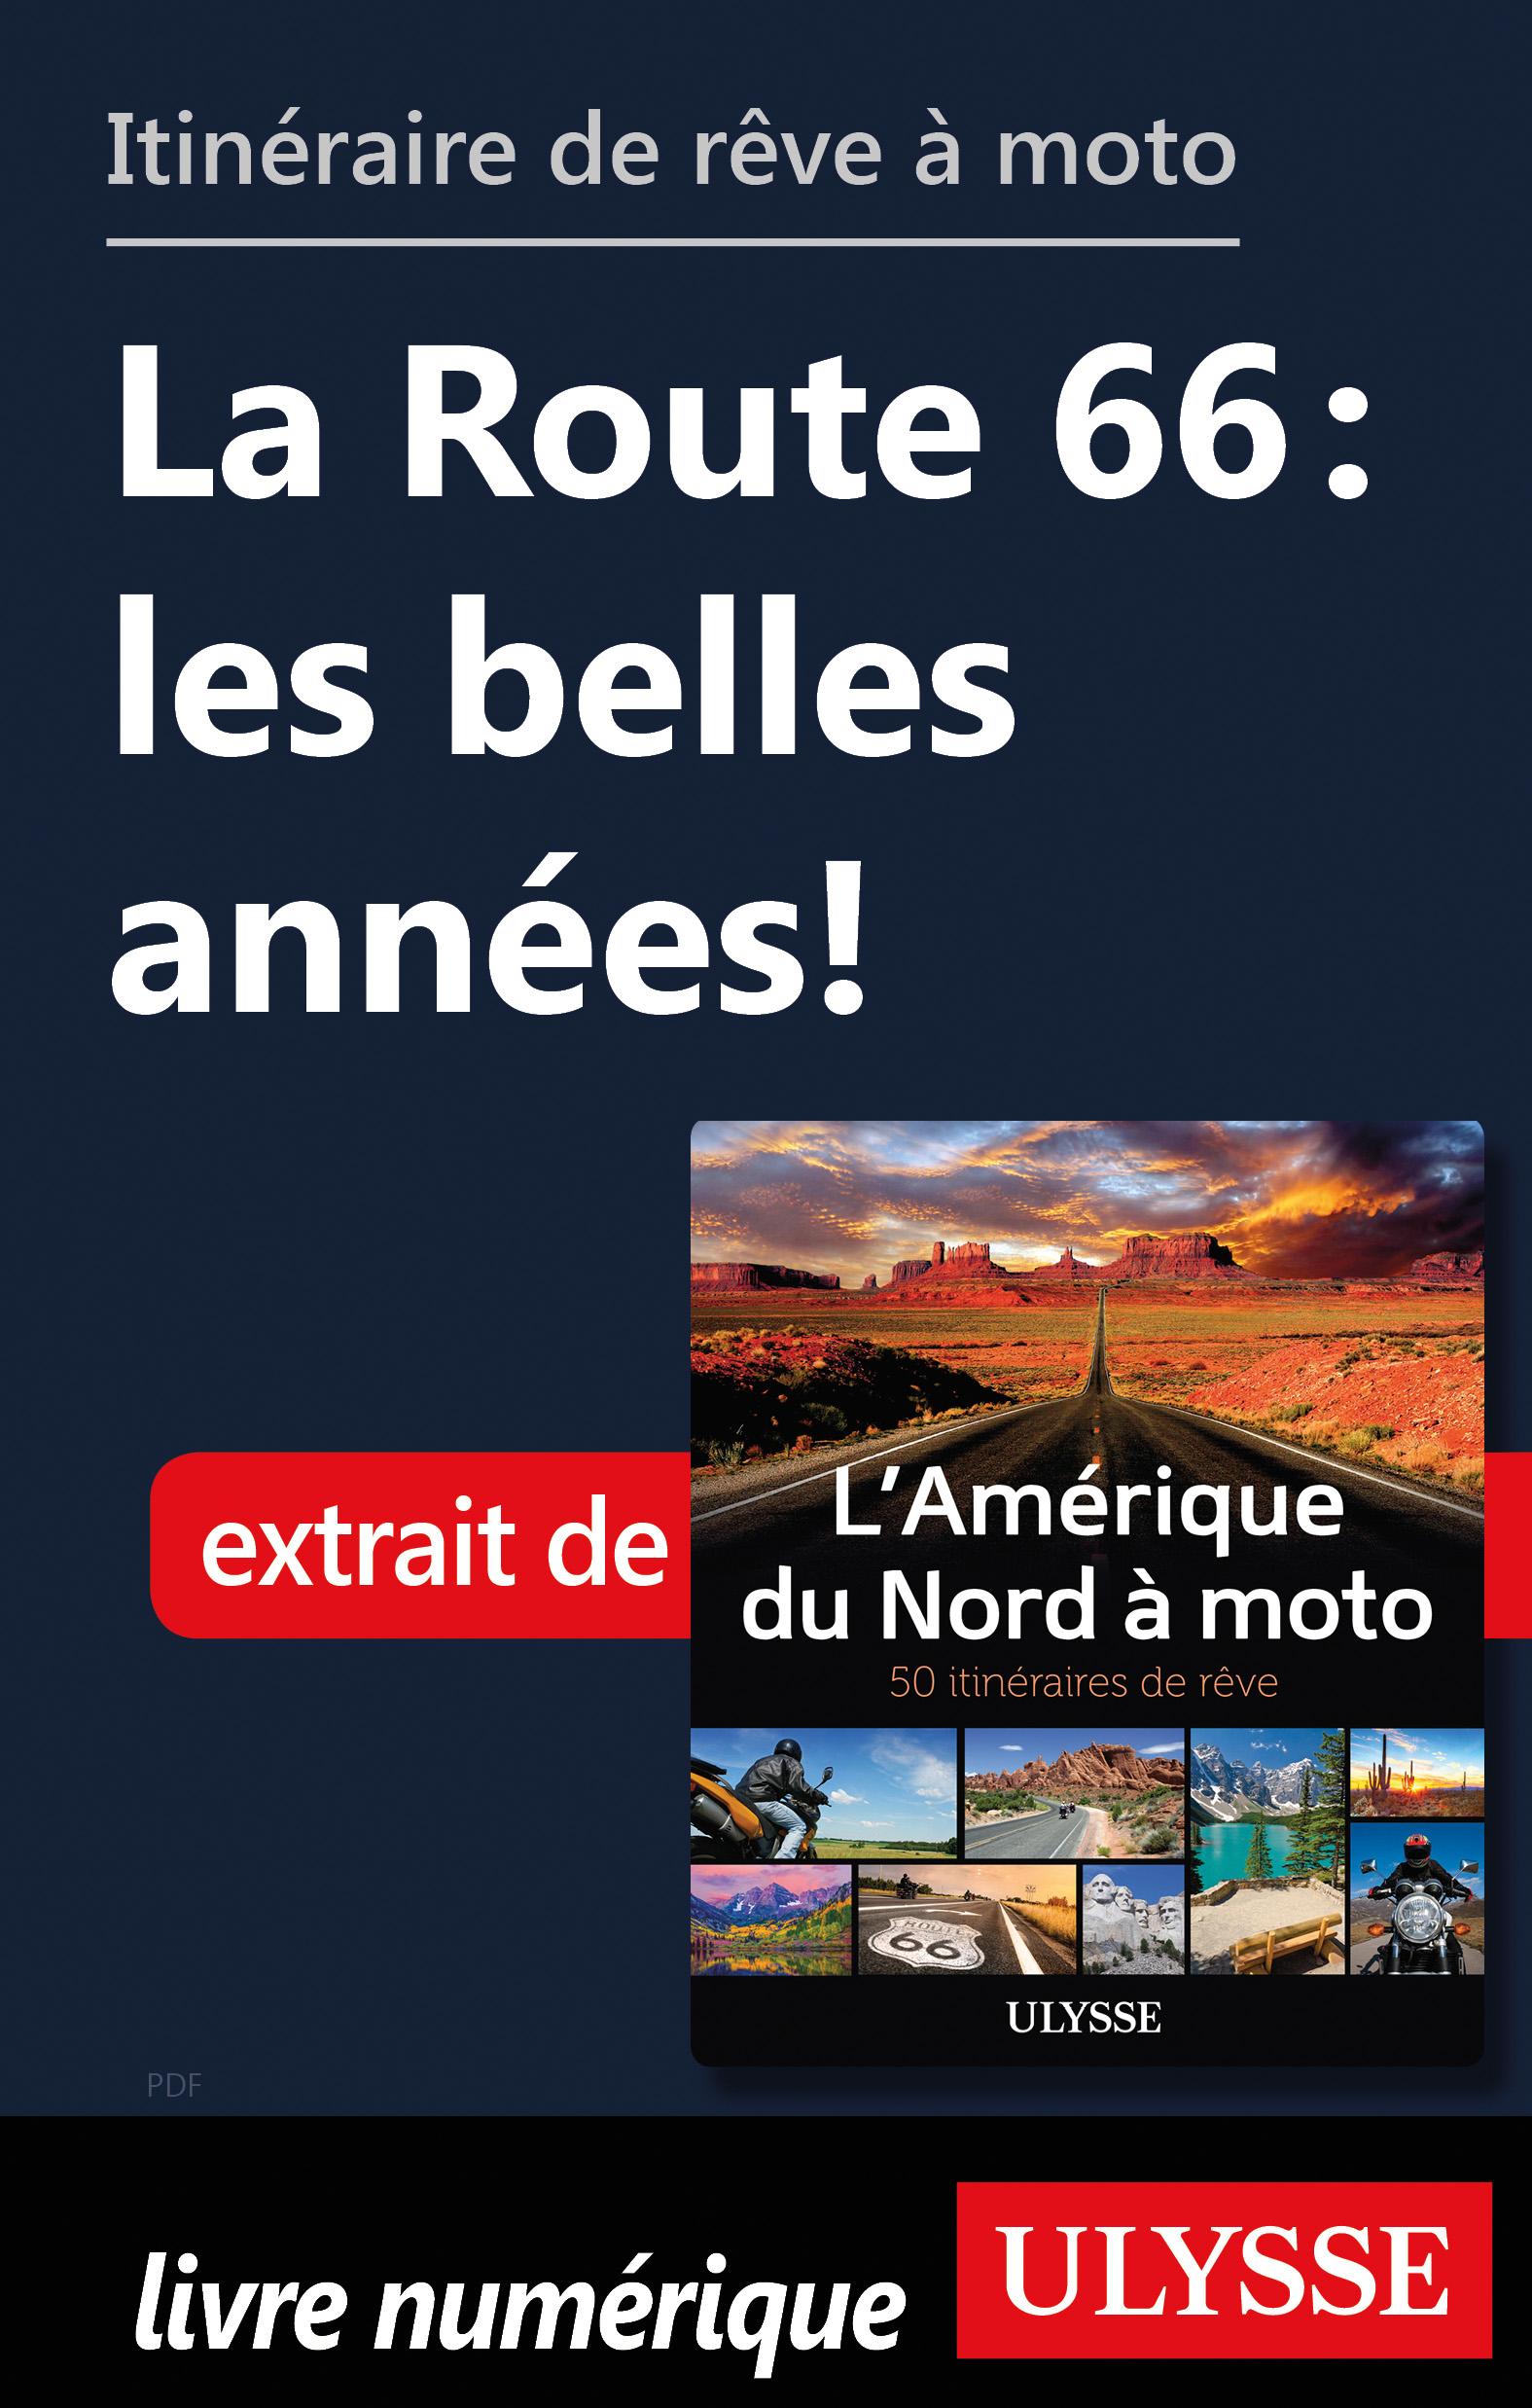 itinéraire de rêve à moto - La Route 66 : les belles années!